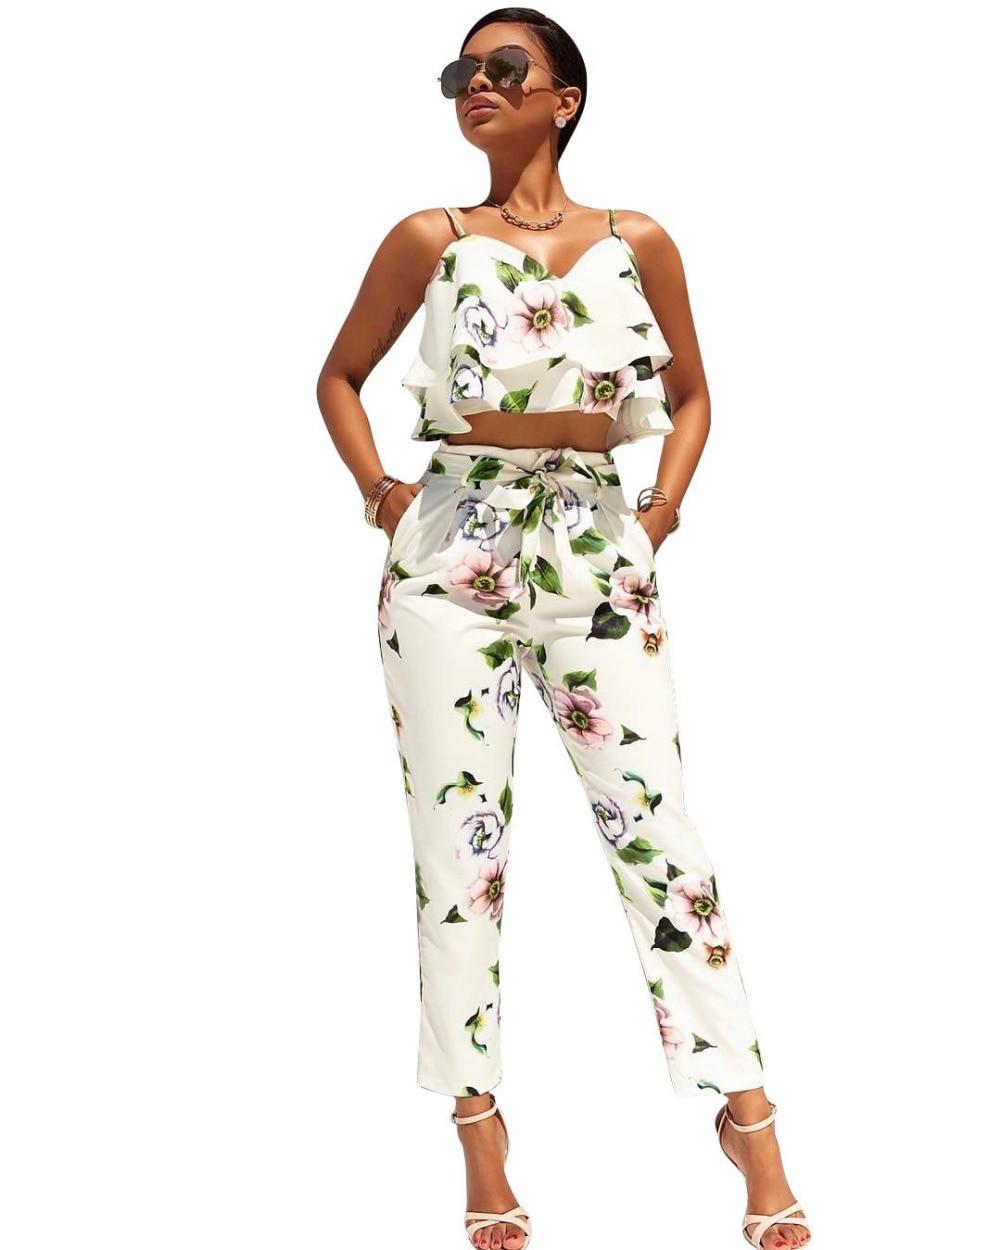 e899d487cec 2017 Women s Sexy Off Shoulder 2 Pieces Outfits Jumpsuit Floral Print Crop  Tops and Pants Set